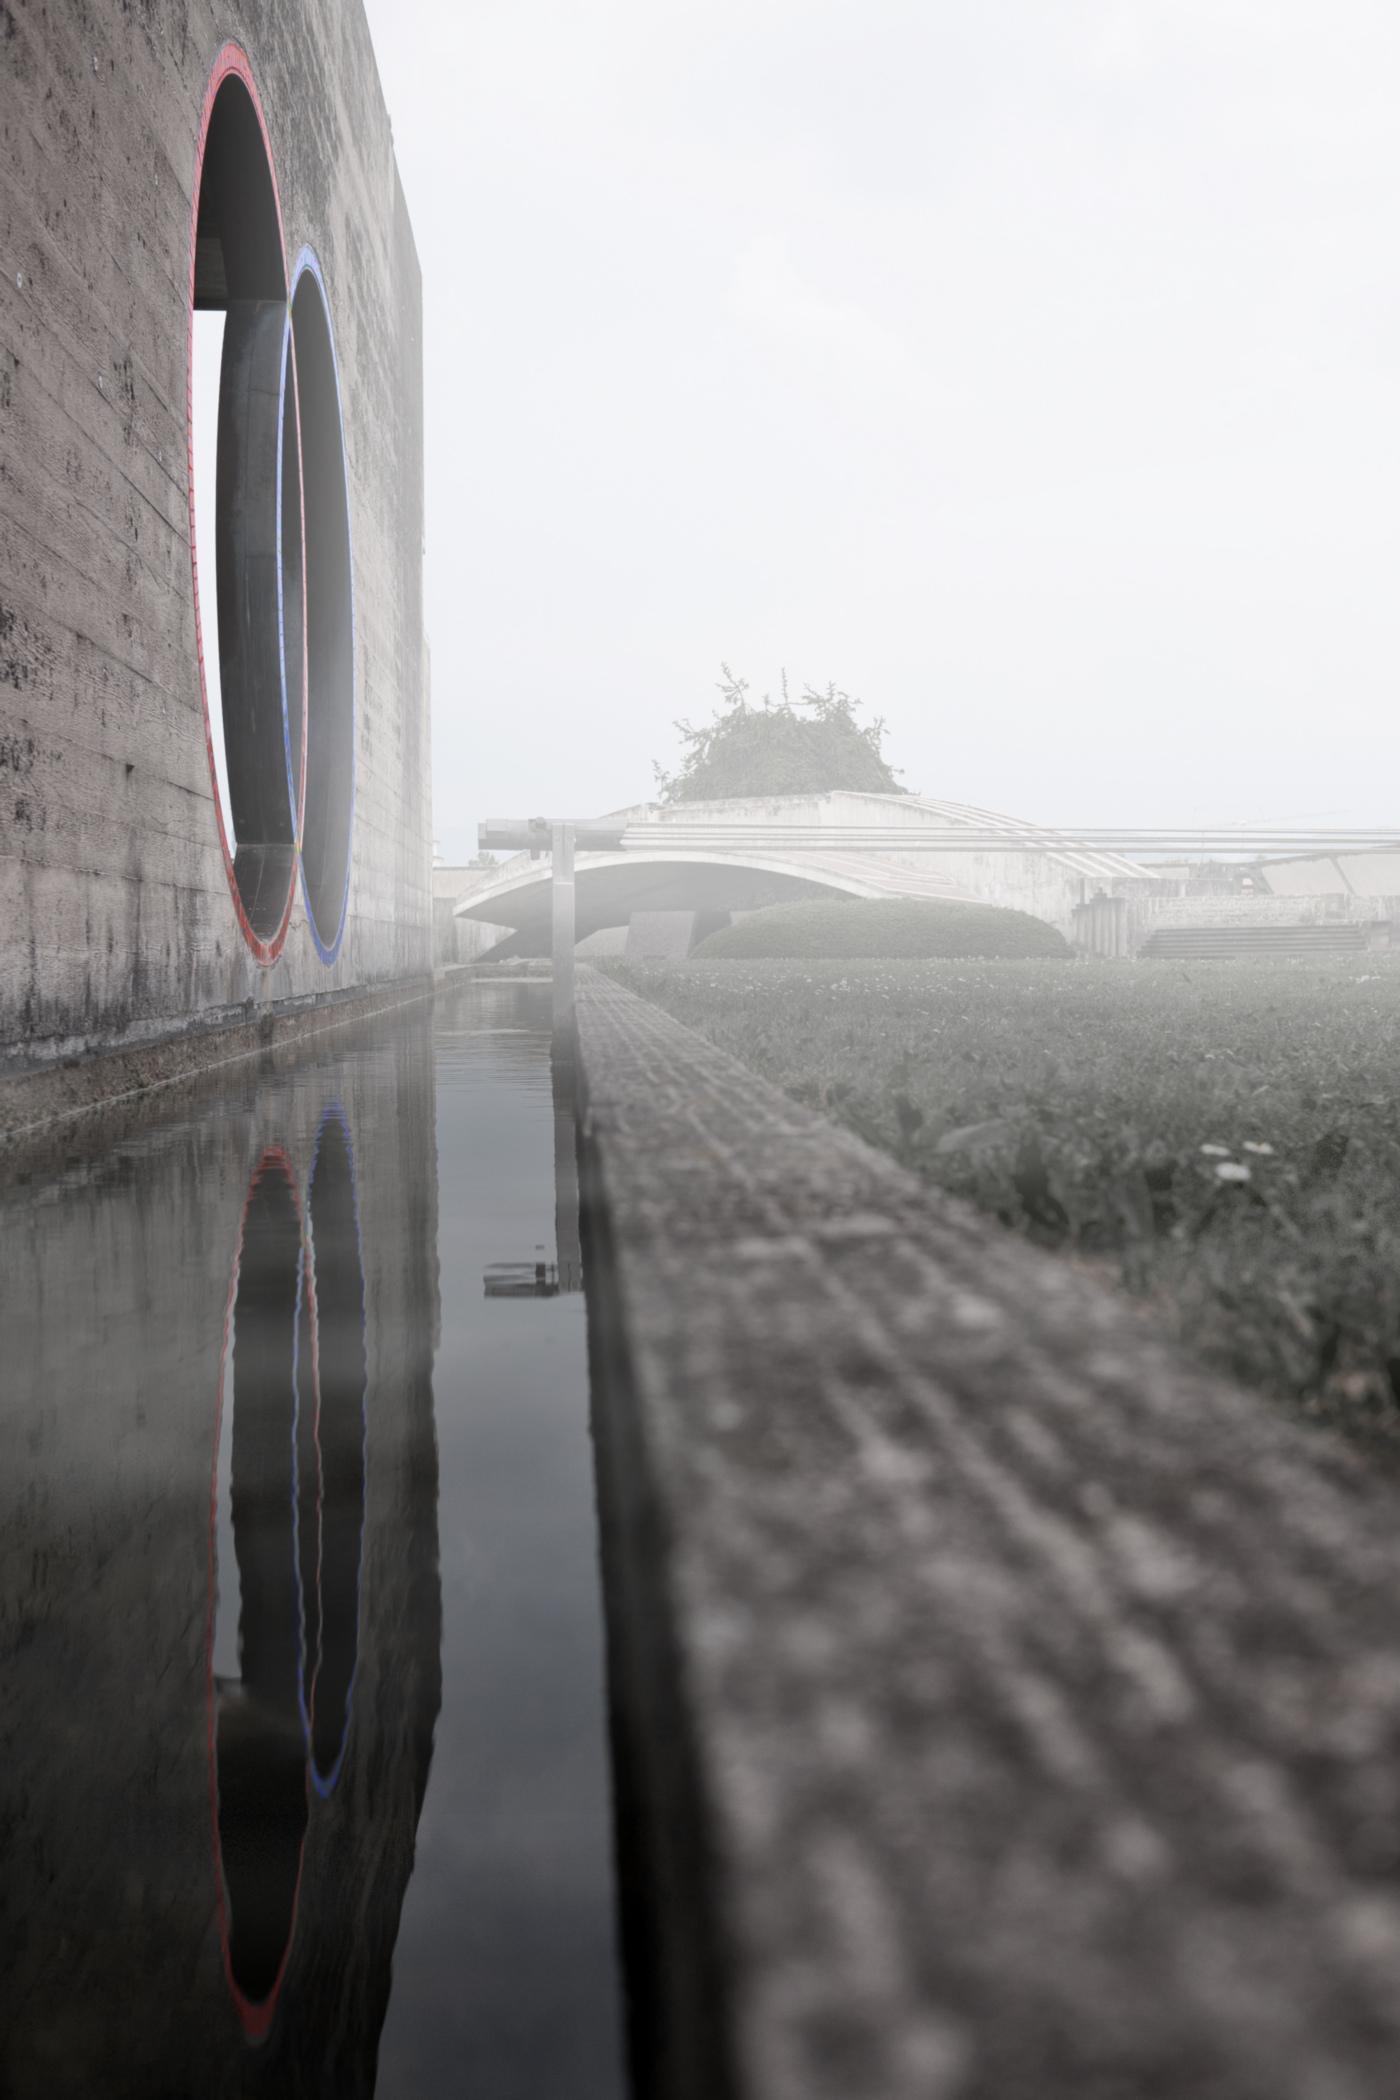 La Tomba Brion di Carlo Scarpa nelle fotografie di Carlo Deregibus | isola dodicesima